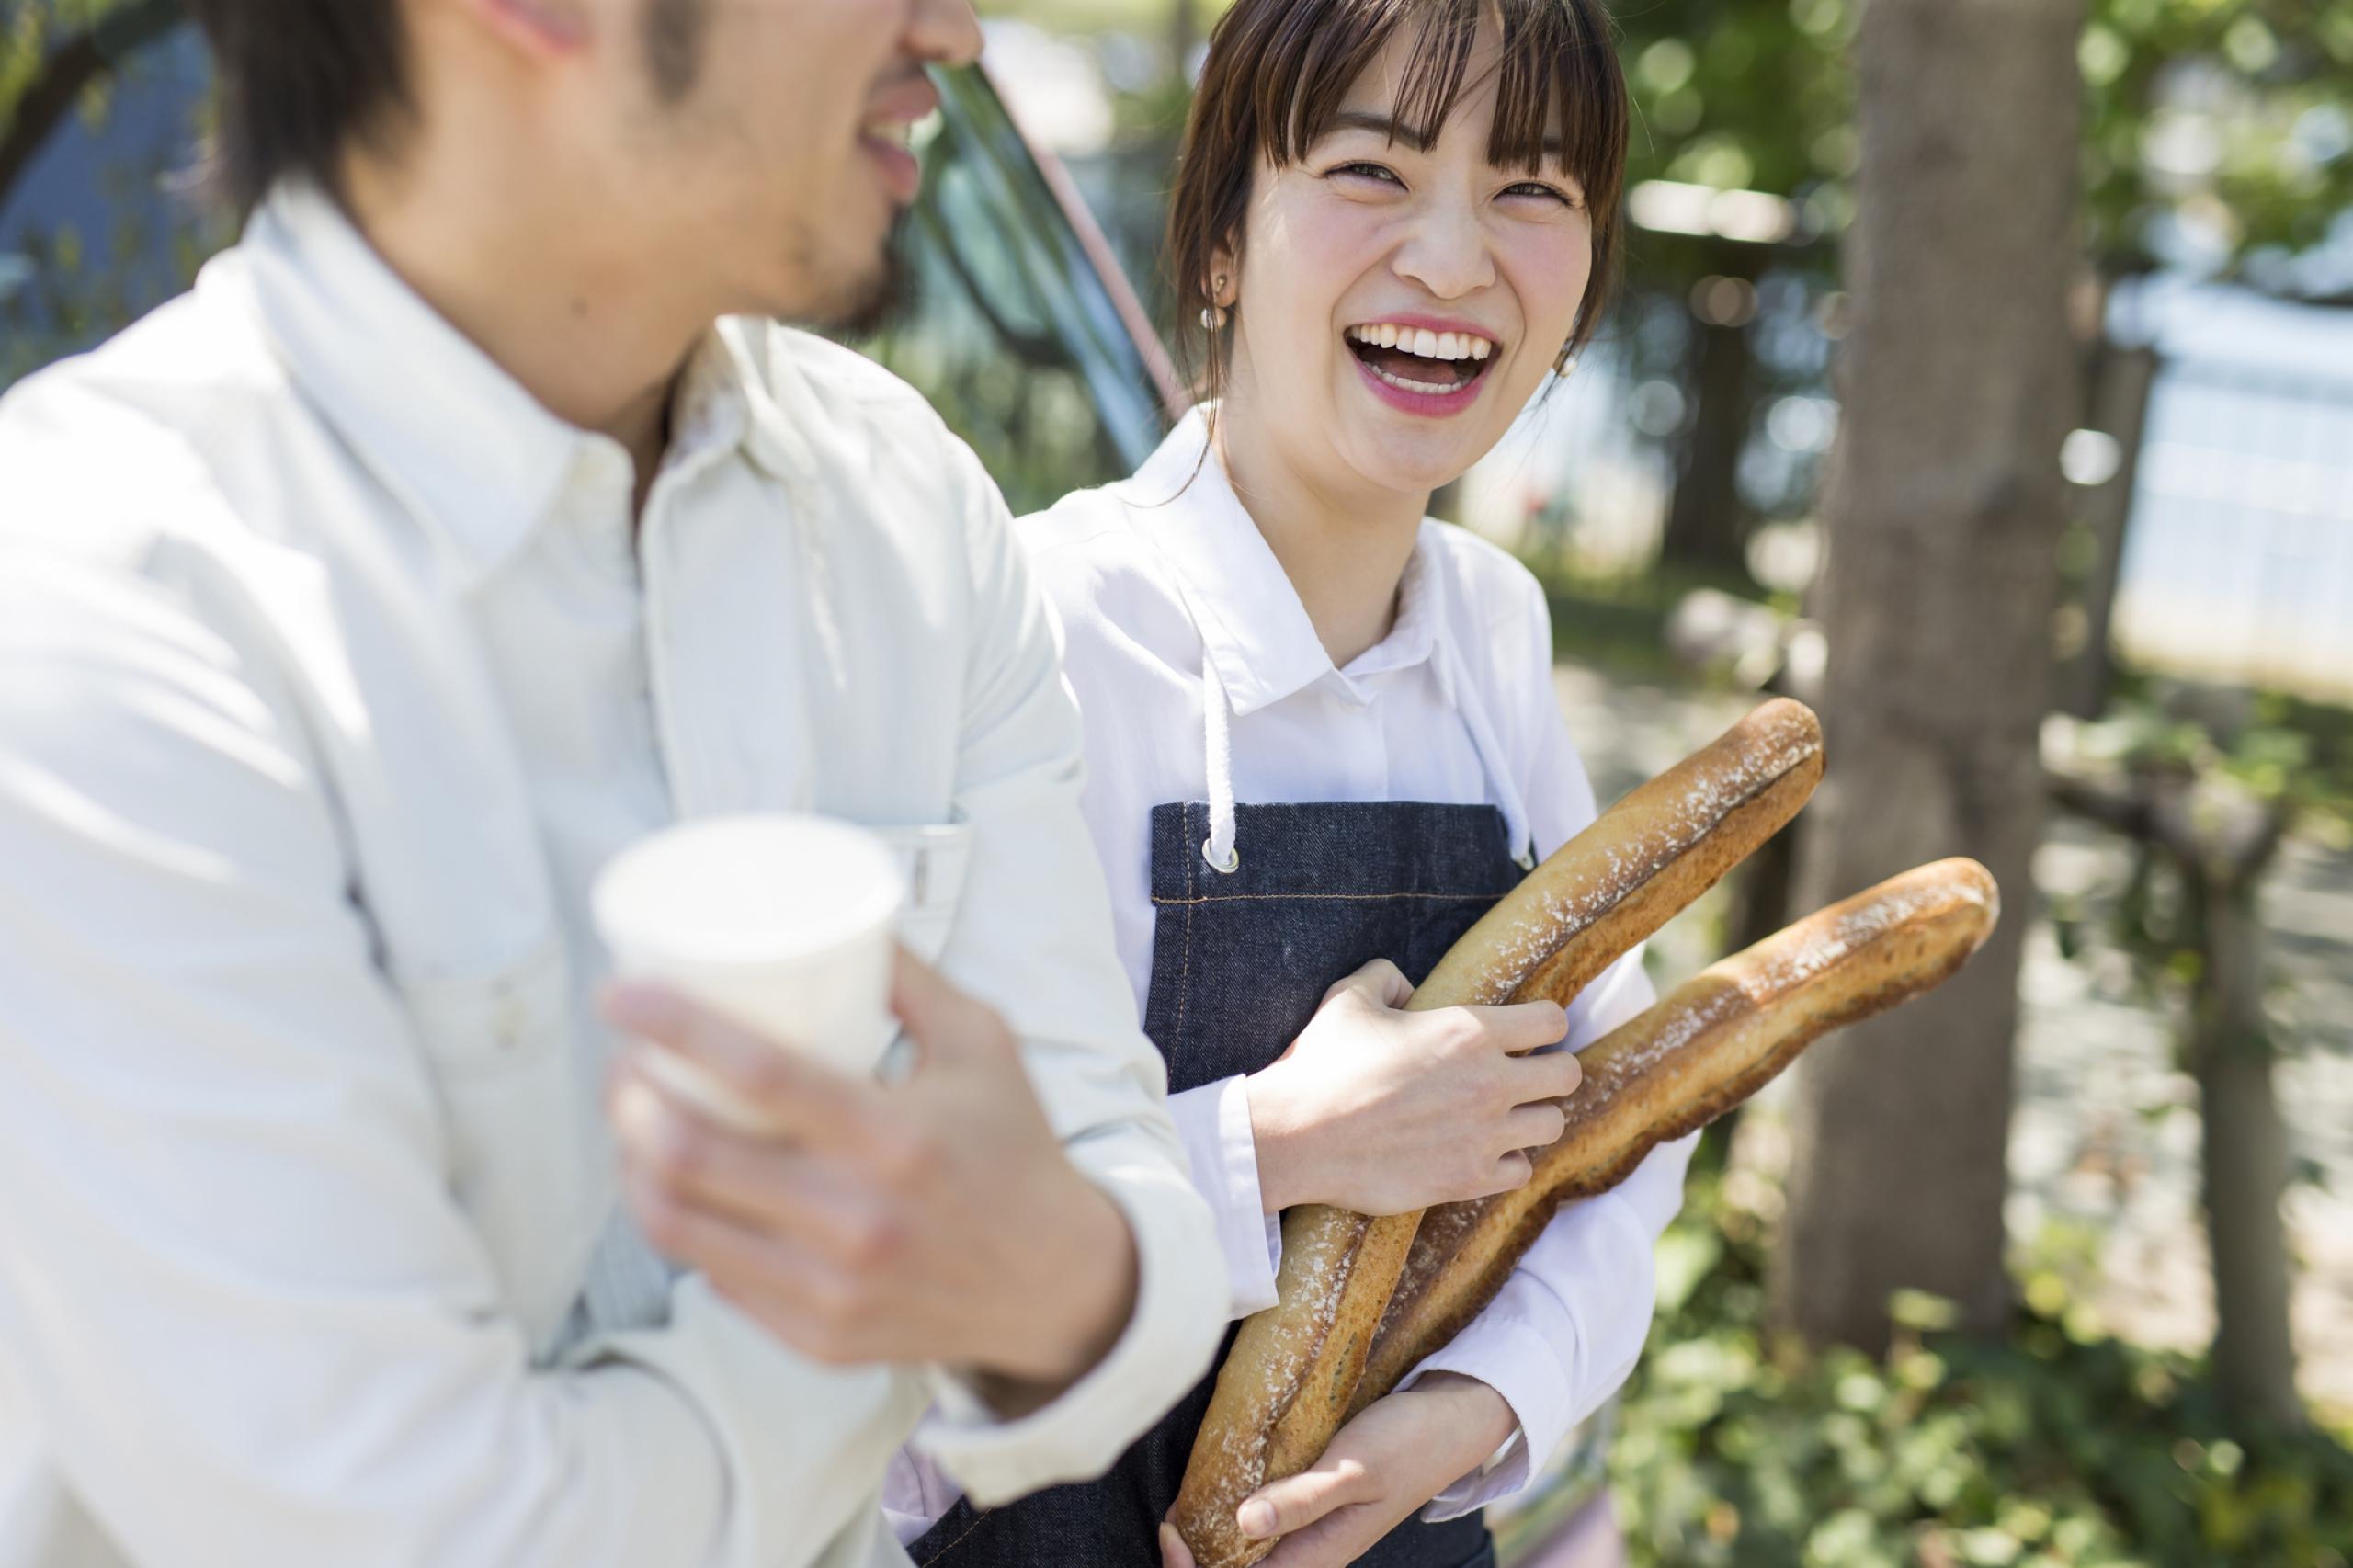 飲食店でアルバイトのリファラル採用を成功させる為の5つのポイント